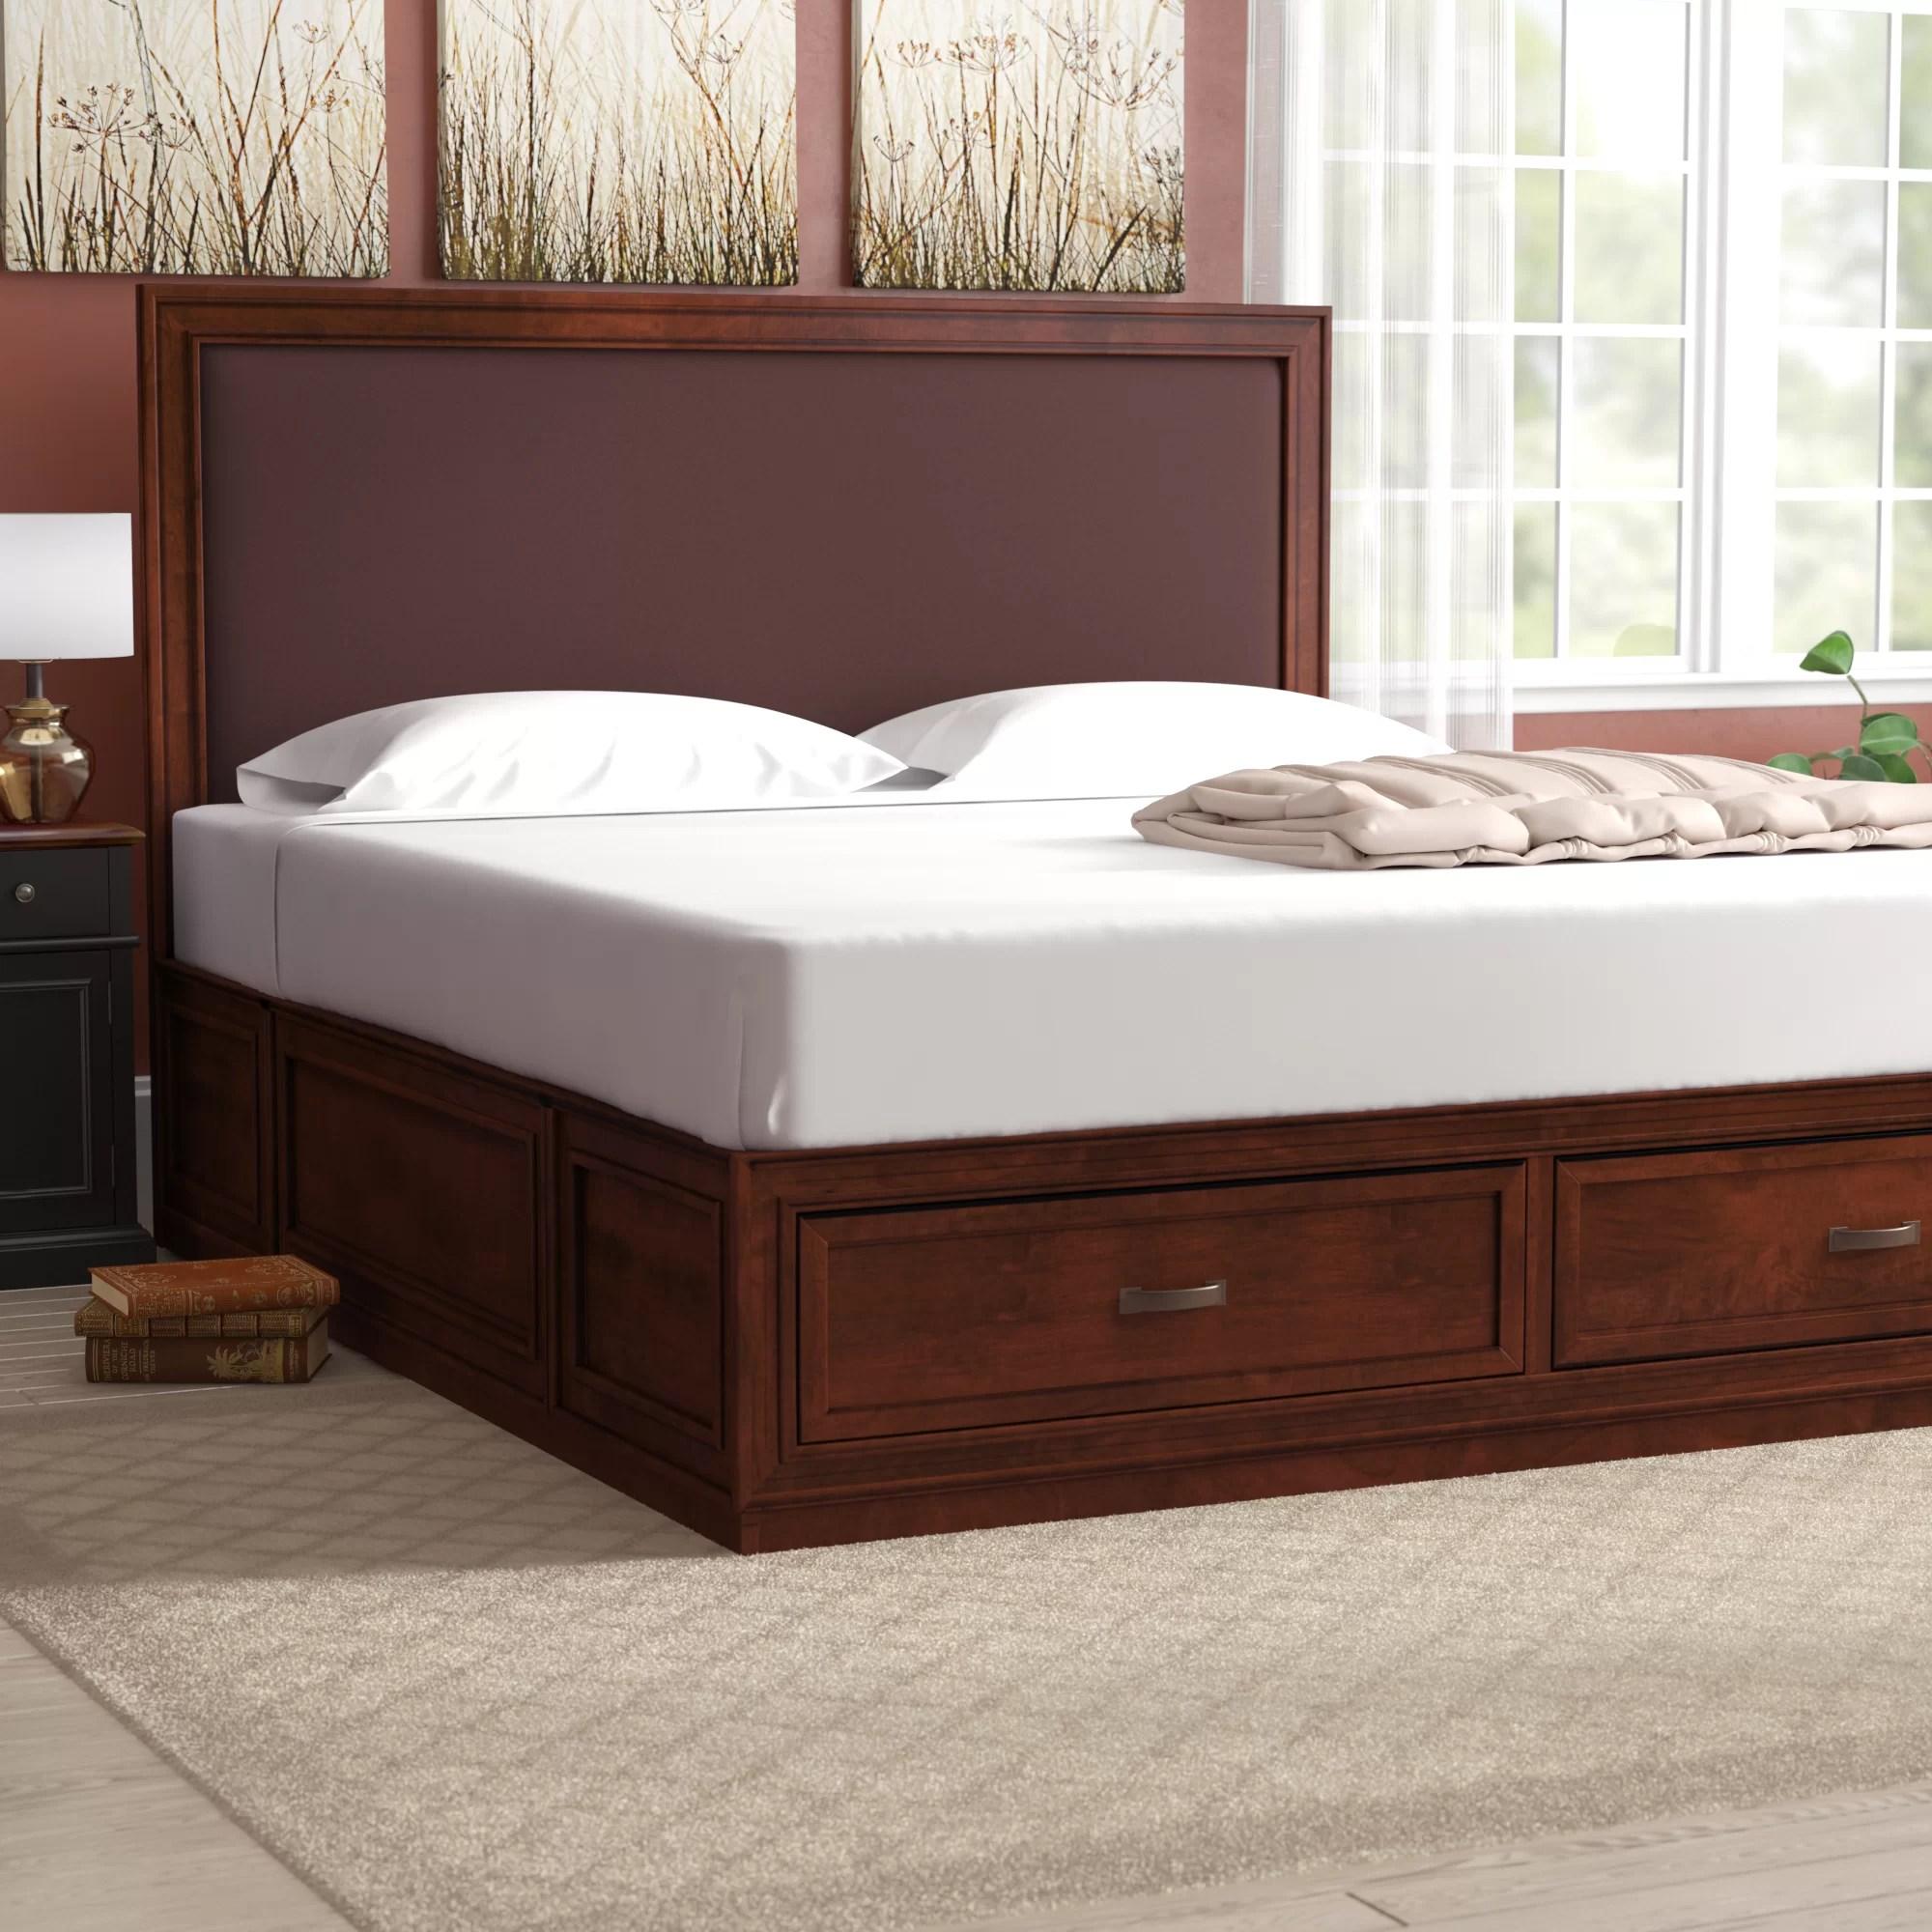 Darby Home Co Myra King Upholsteredstorage Platform Bed